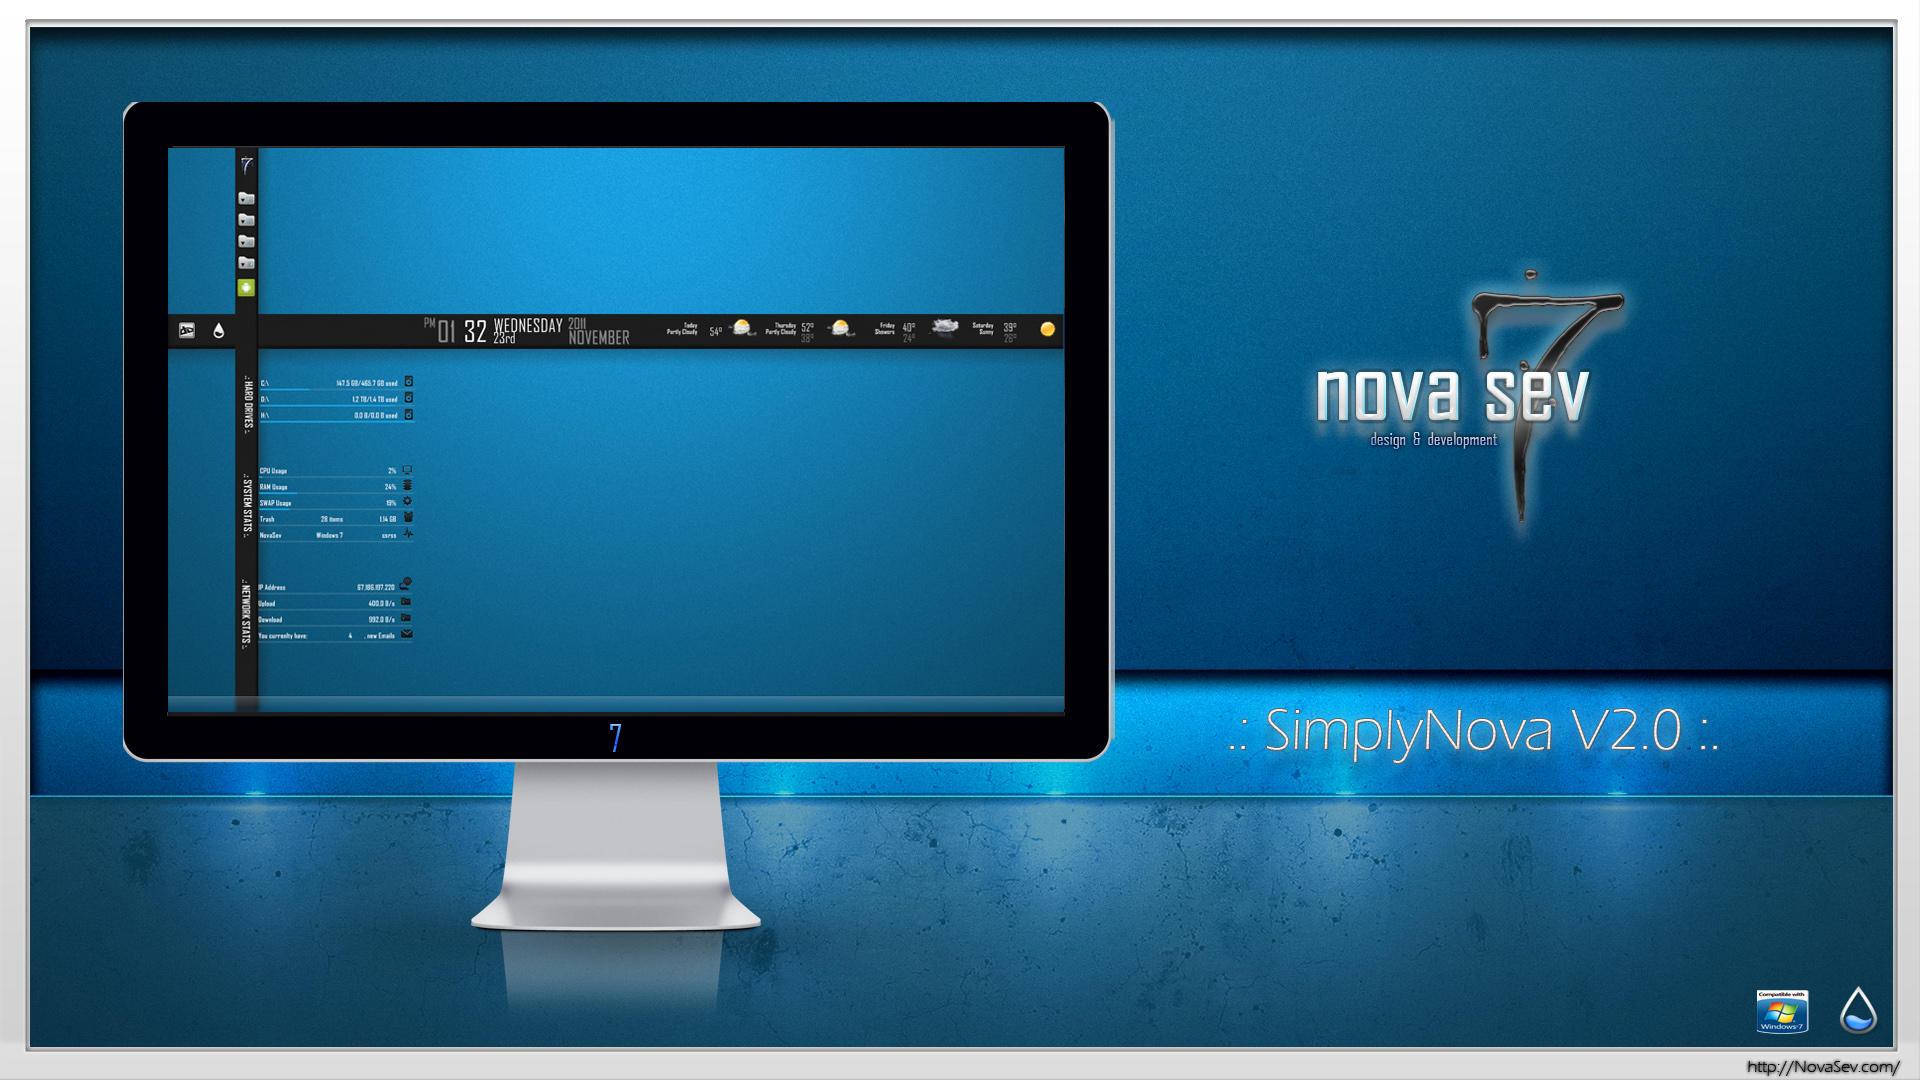 Simply Nova Ver. 2.0 by Nova-7-Sev-dd